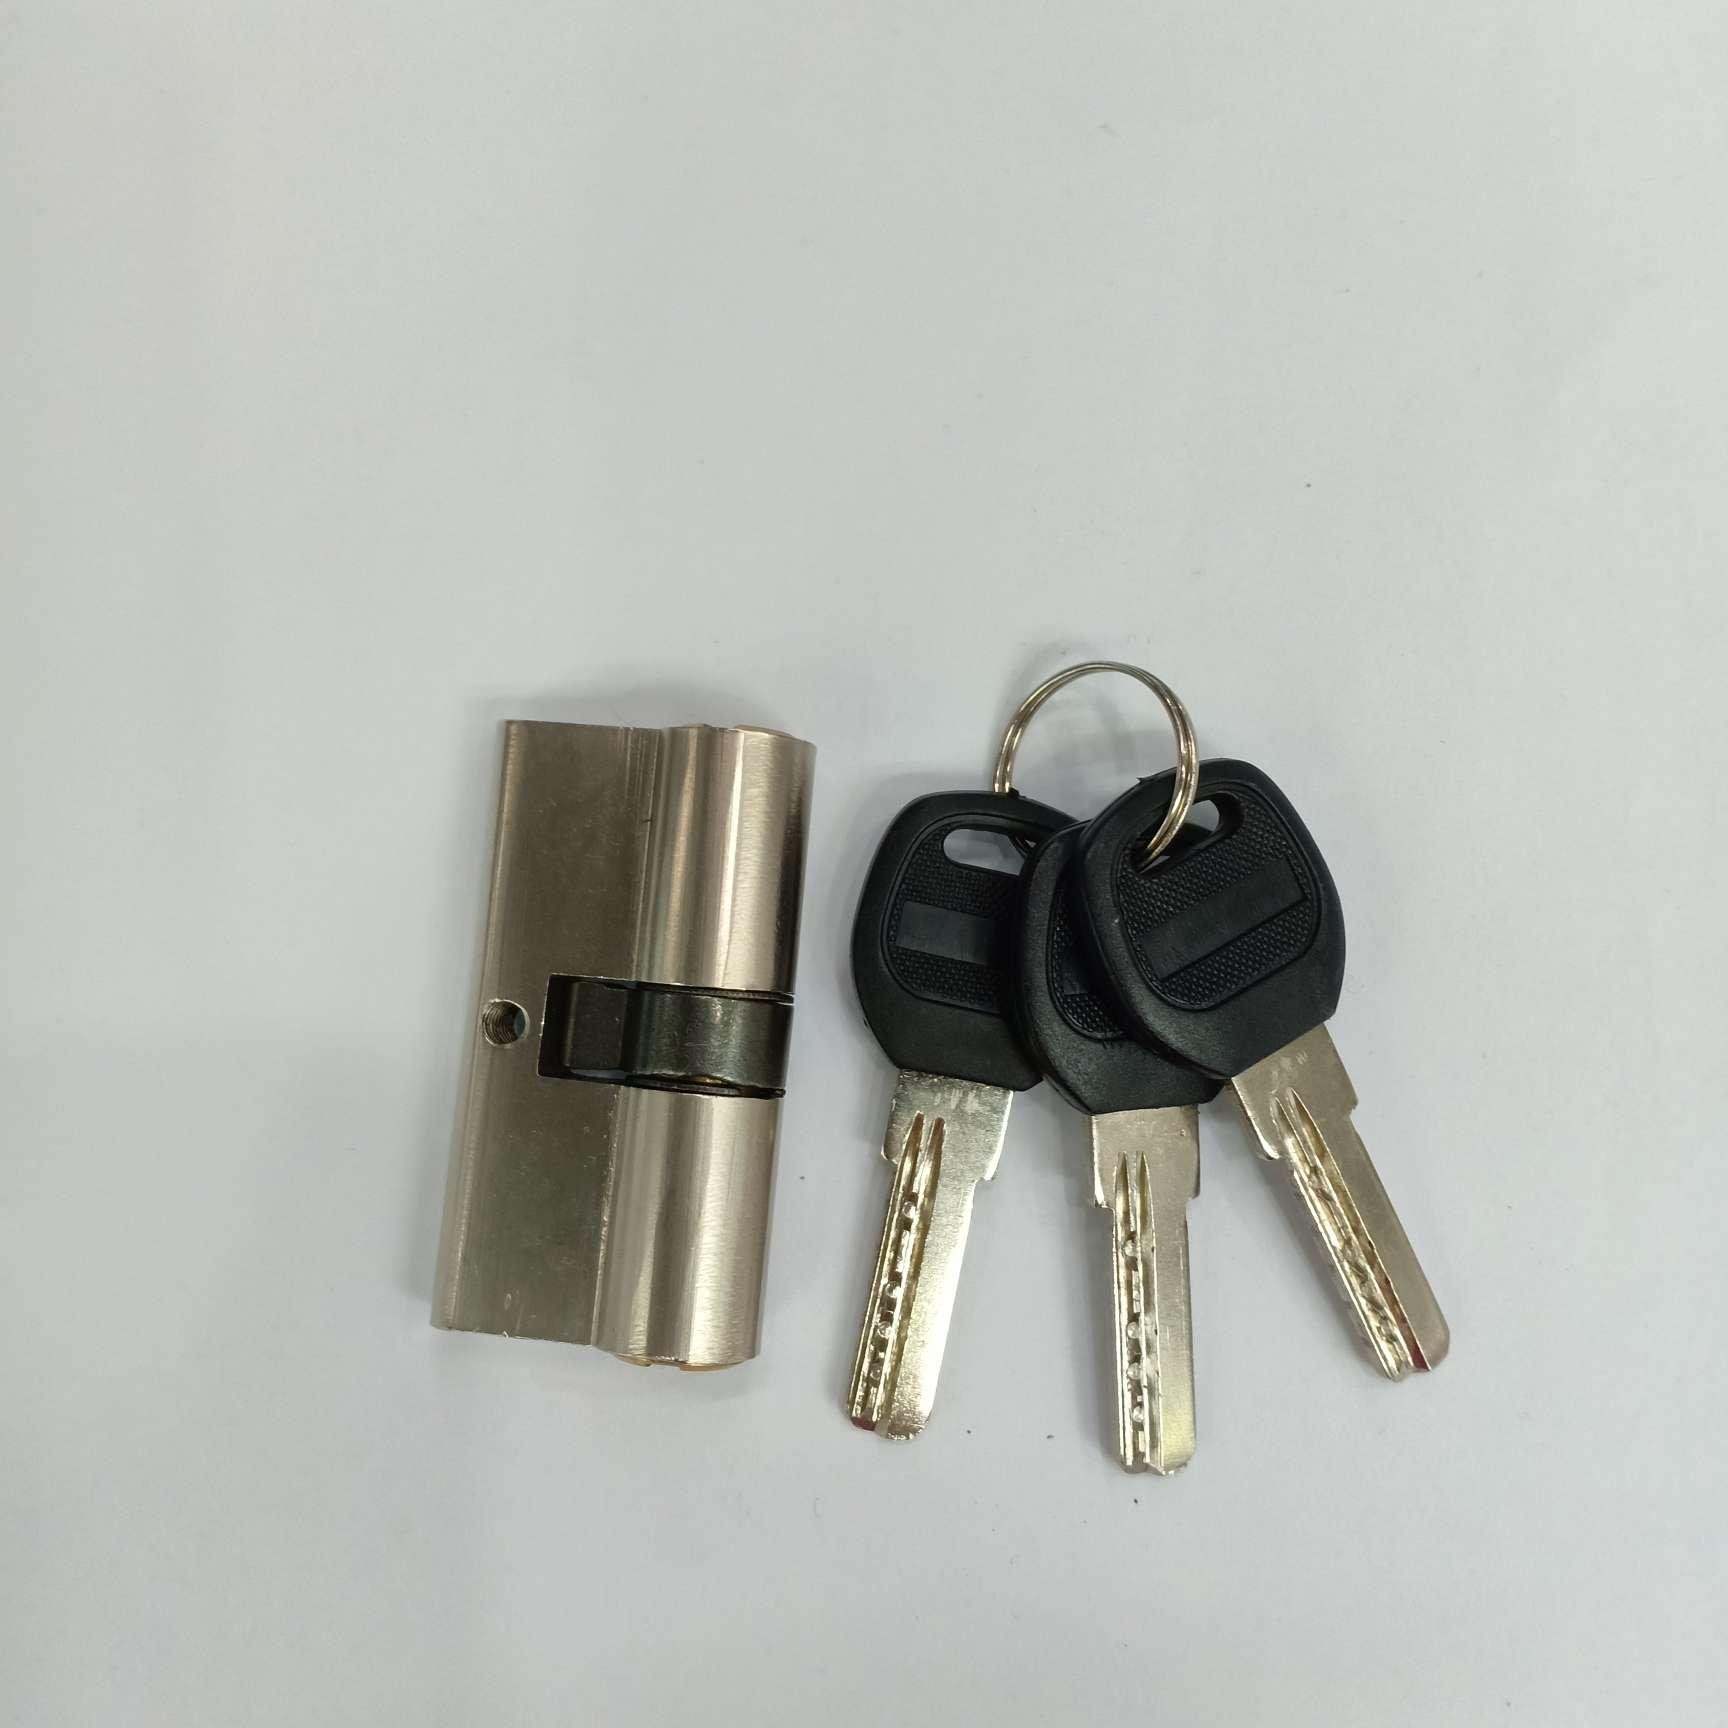 【方圆锁业】60铁锁胆防盗门锁锁芯铁锁胆铜芯3个铁钥匙